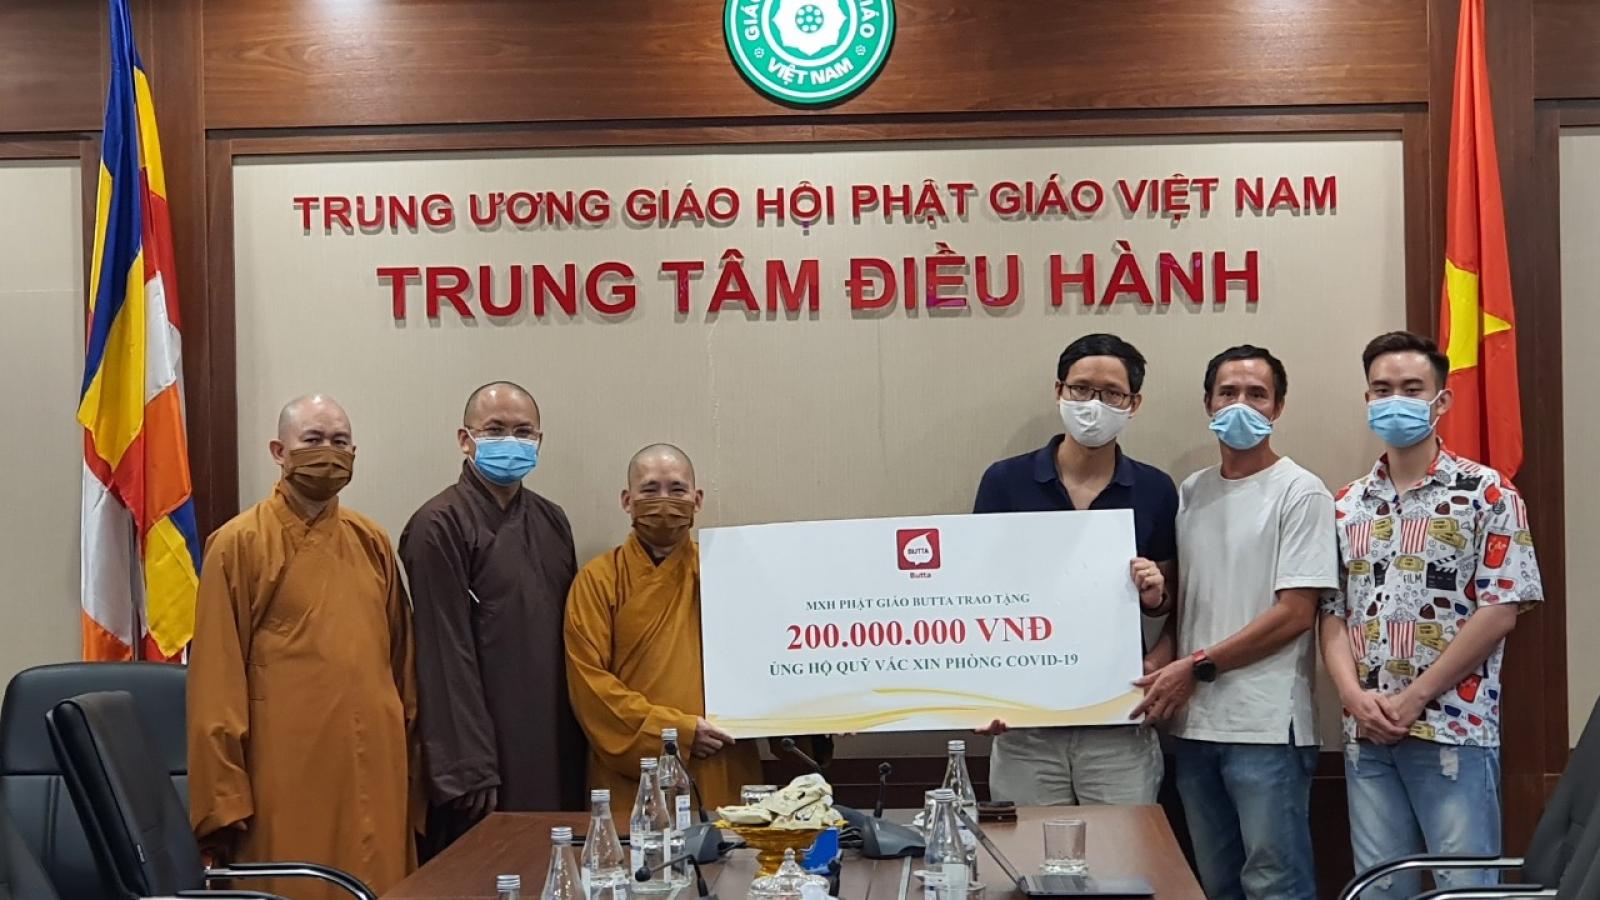 20.000 lượt tắm Phật online qua mạng xã hội Phật giáo Butta